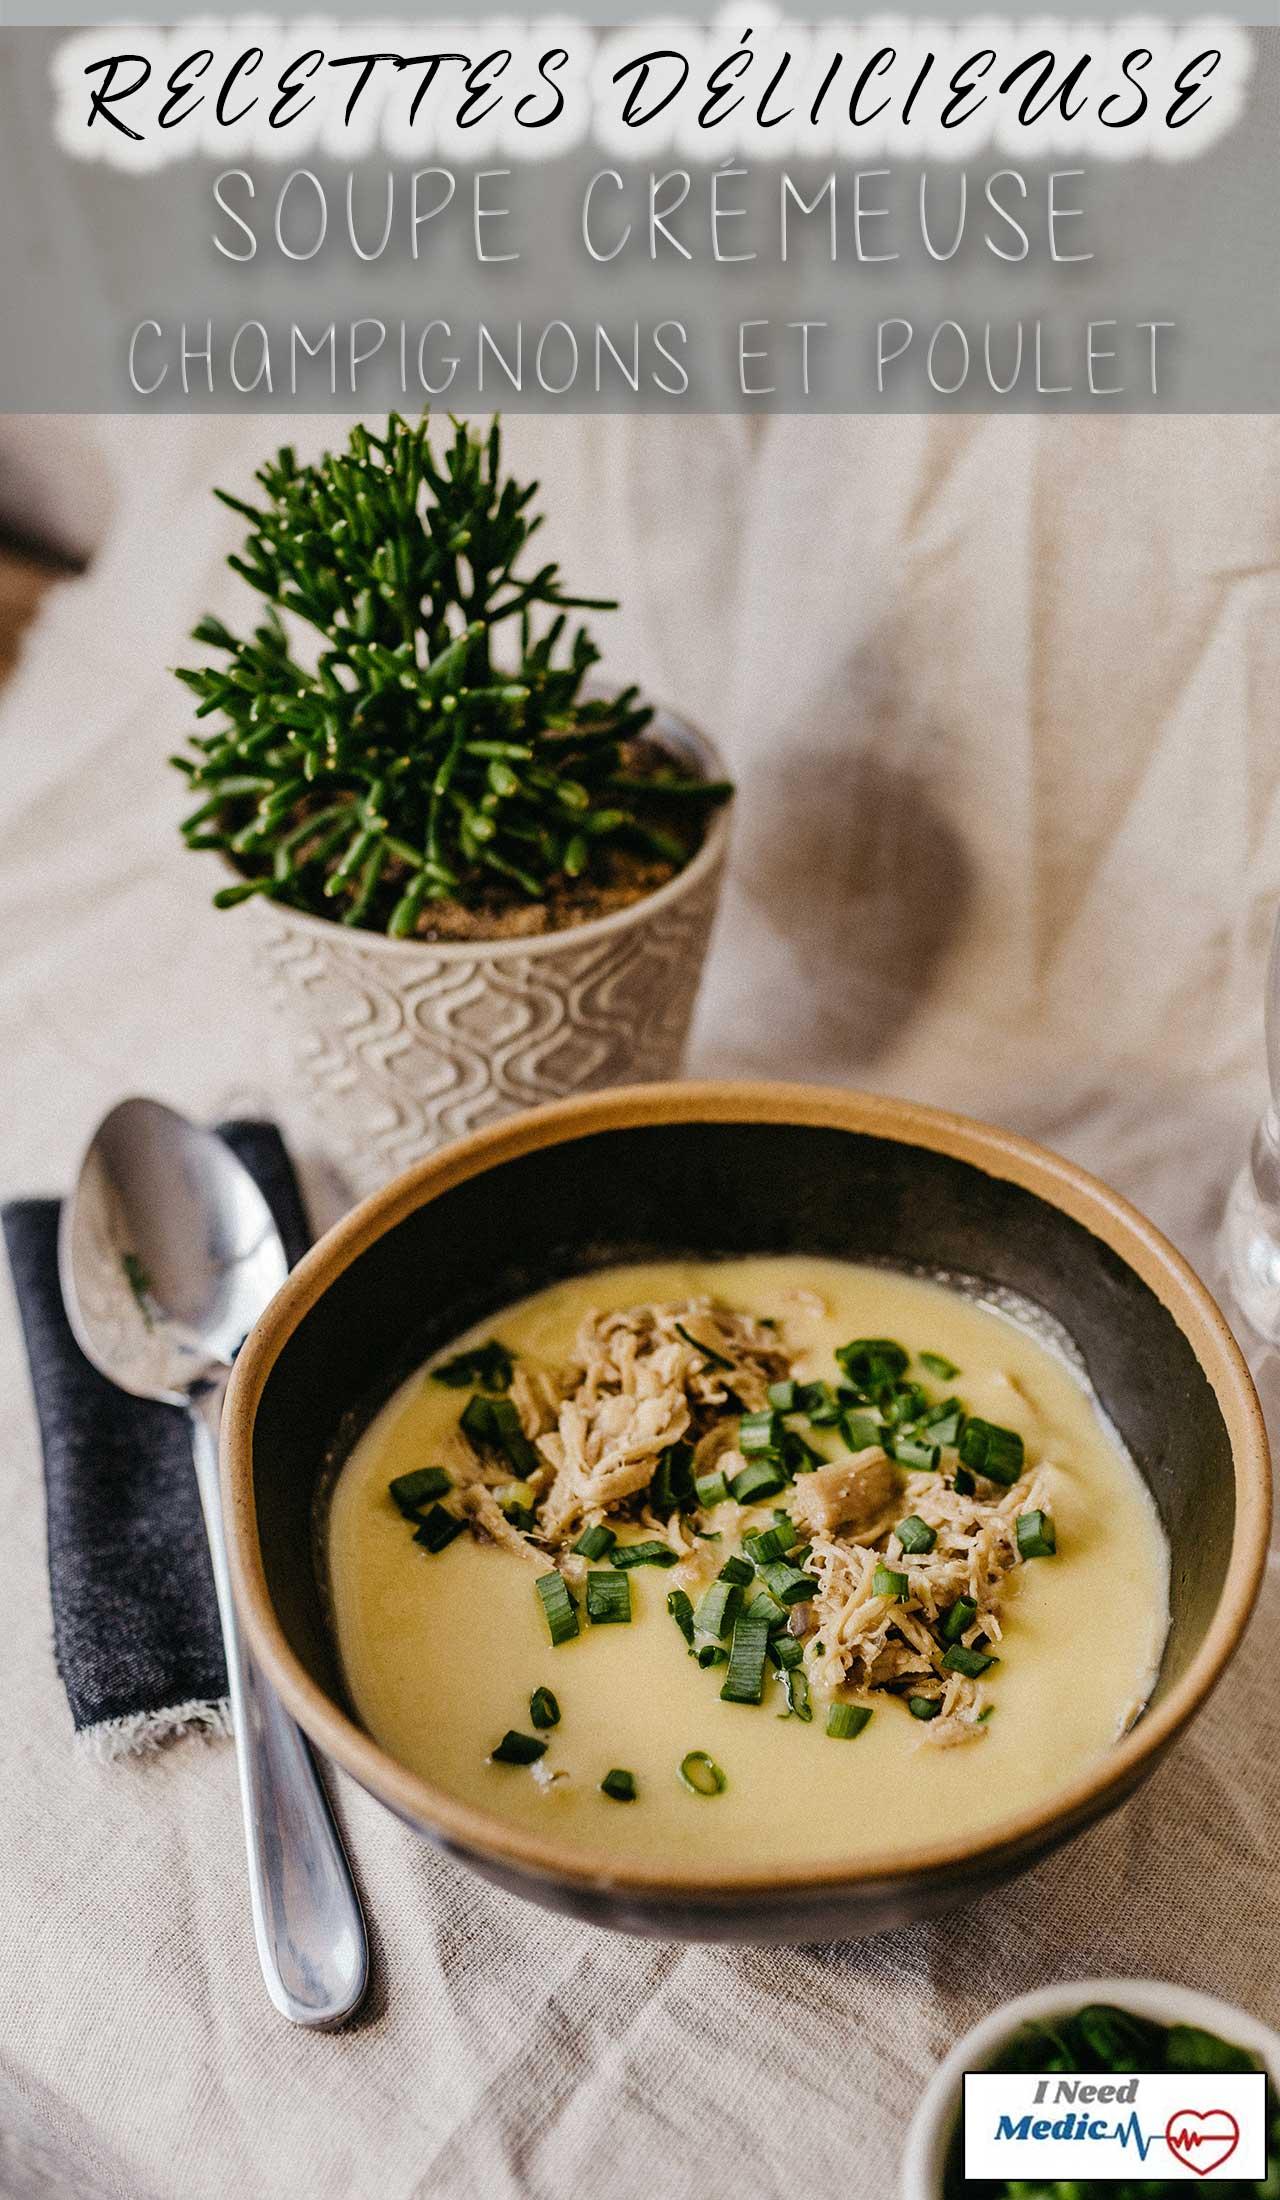 Recette crème champignon et poulet, recette de soupe santé